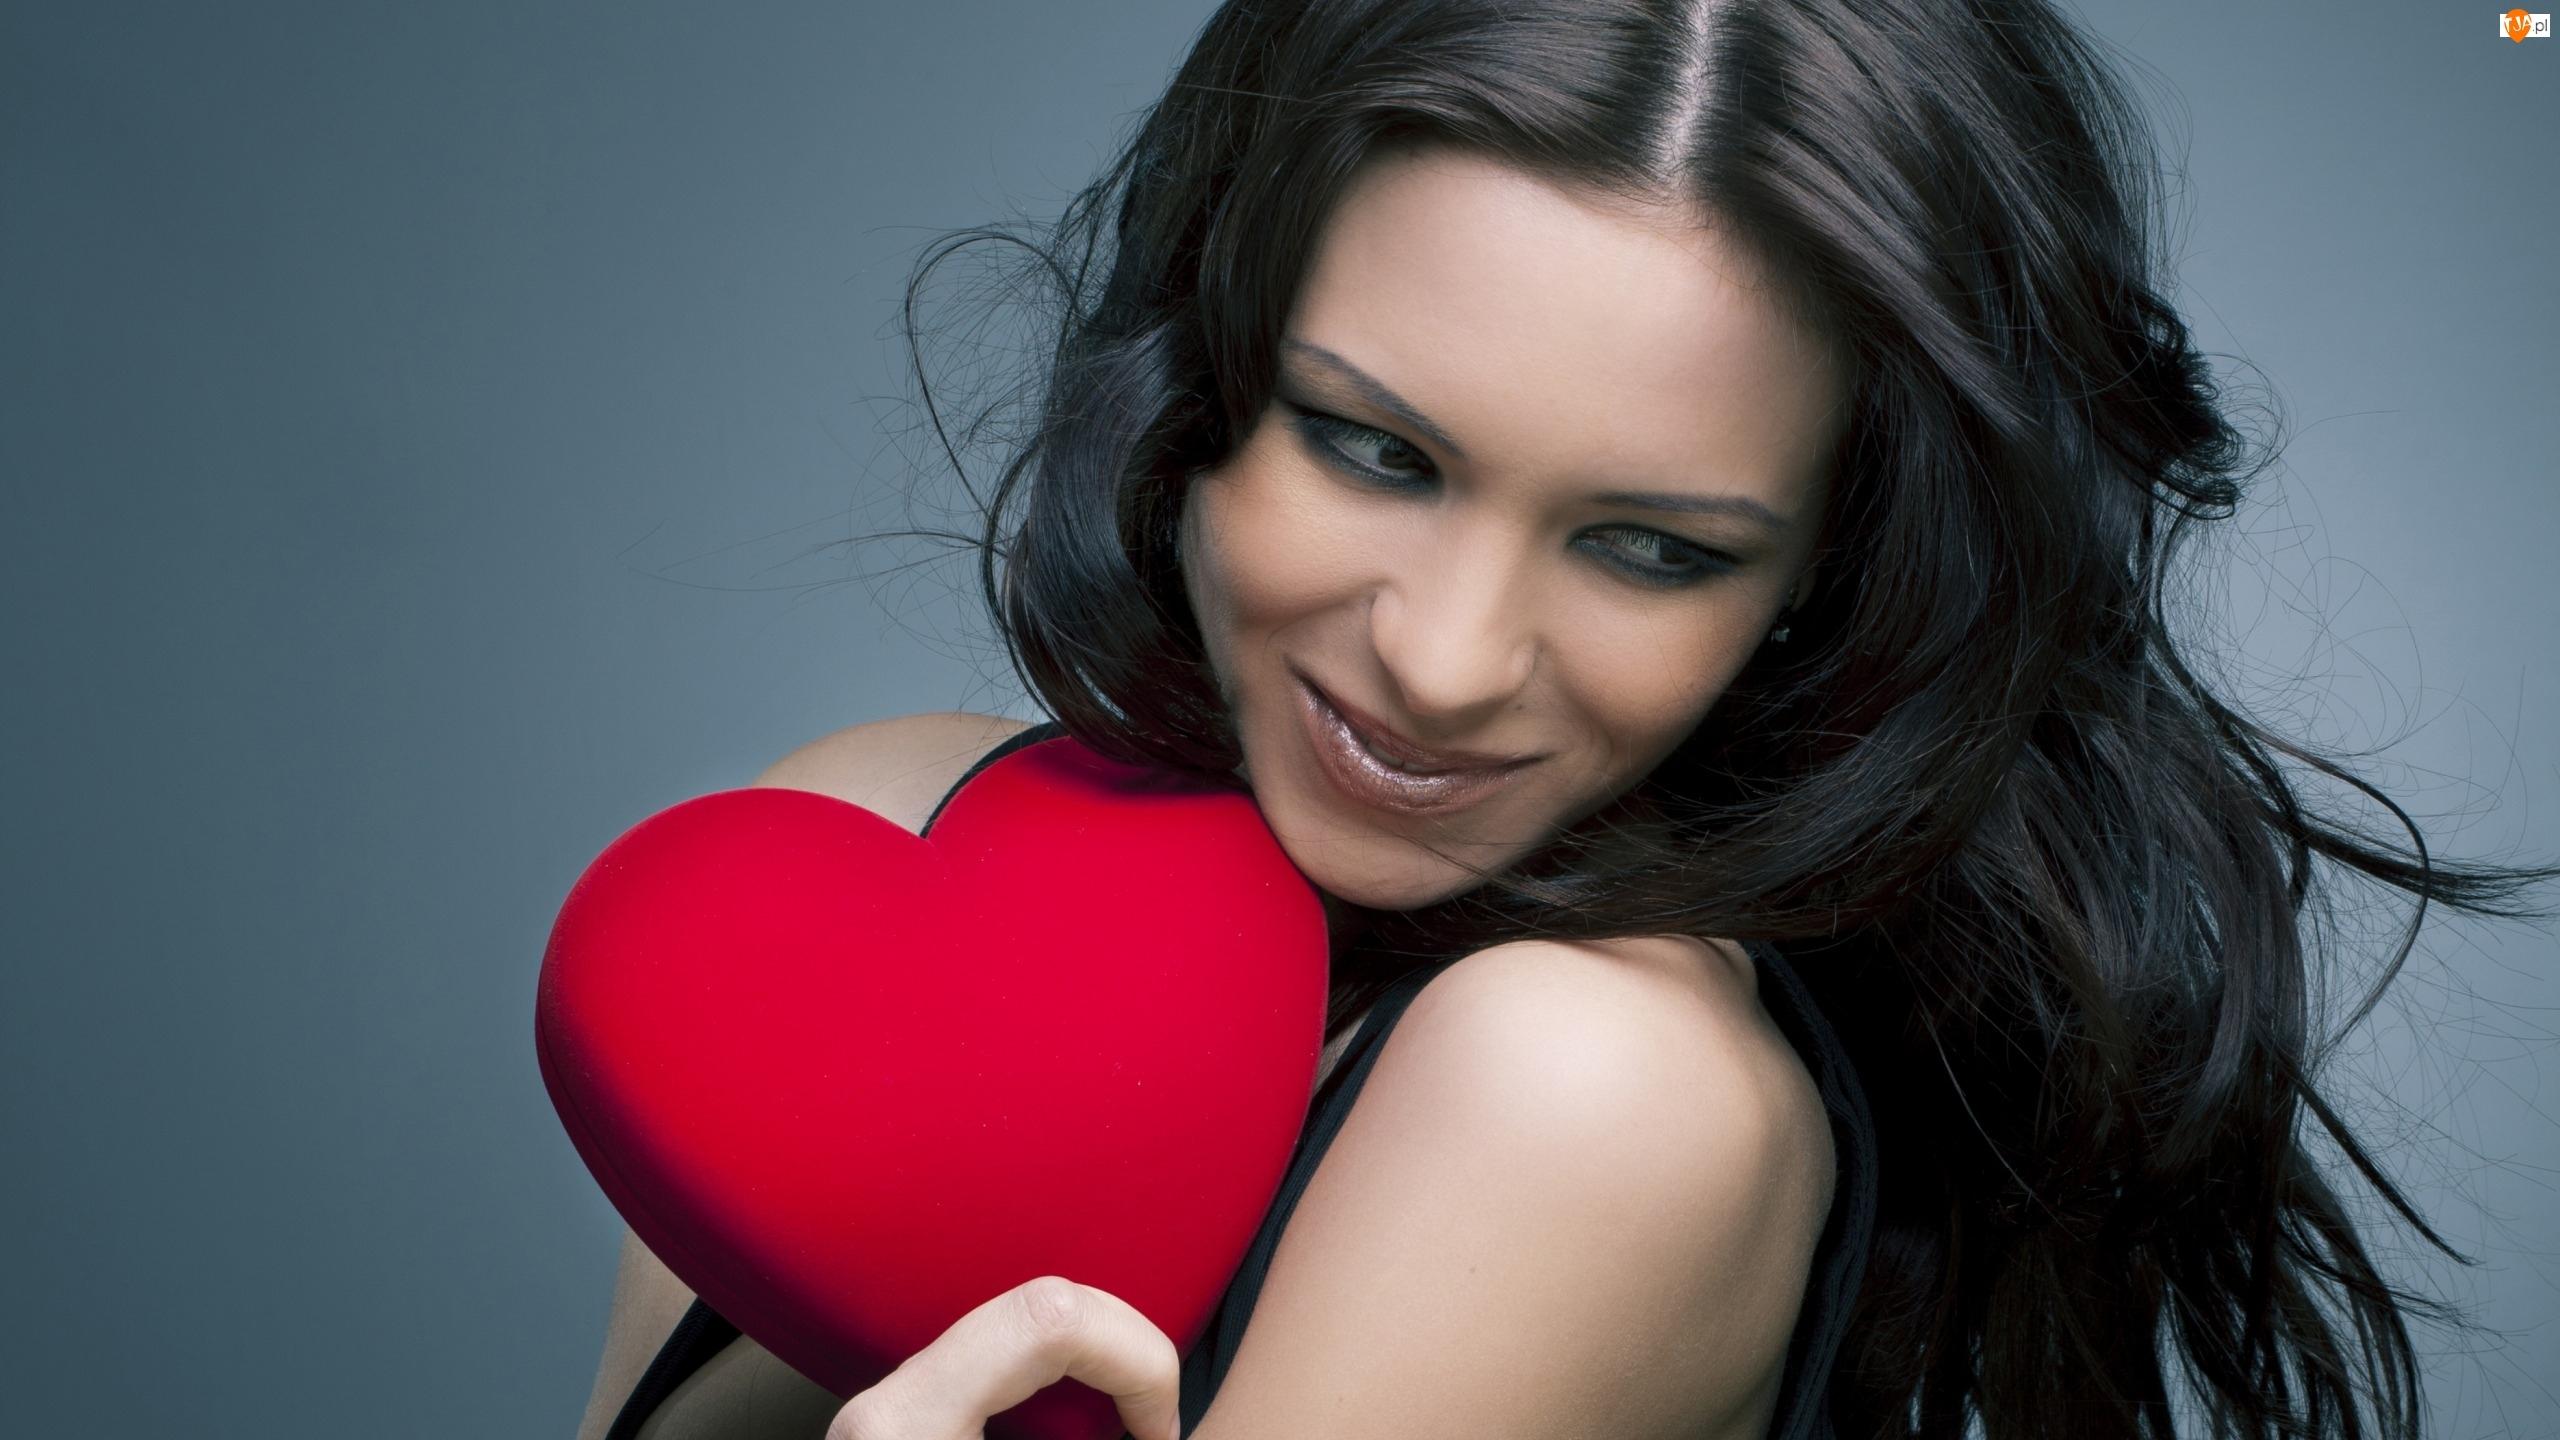 Walentynki, Kobieta, Serce